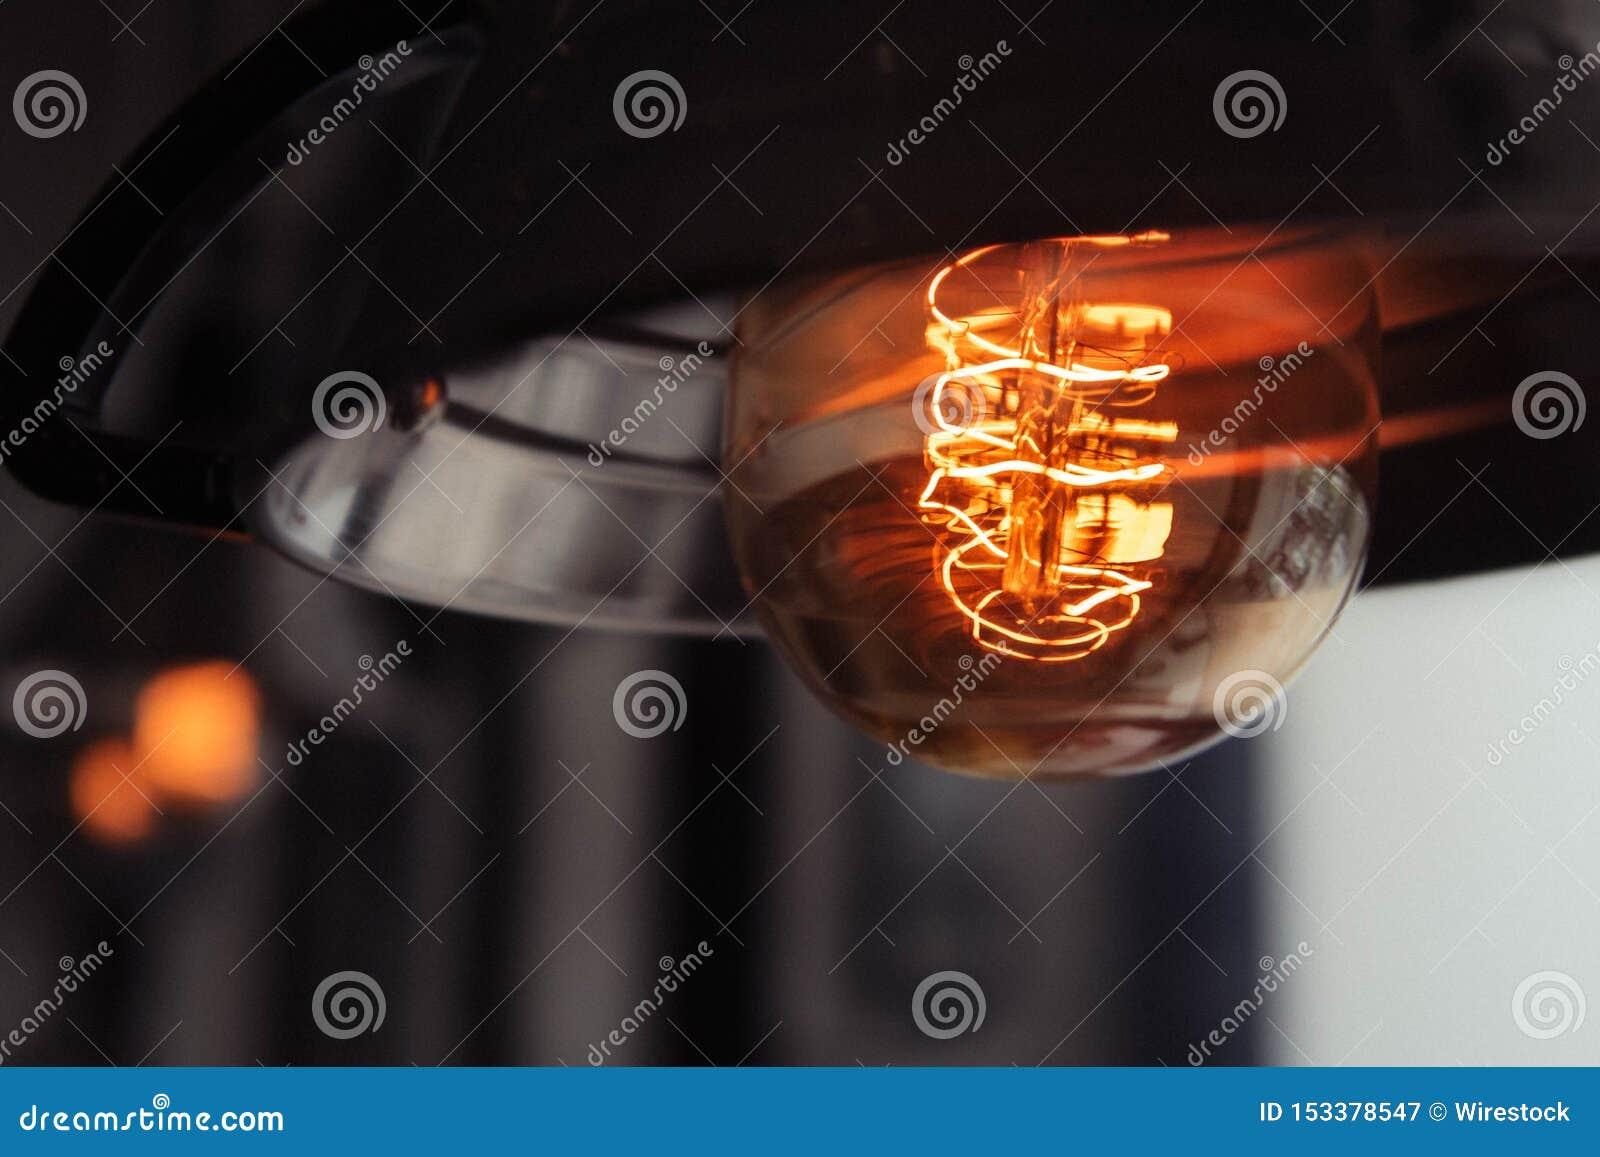 Close-upschot van een aangestoken grote lightbulb met een vage achtergrond